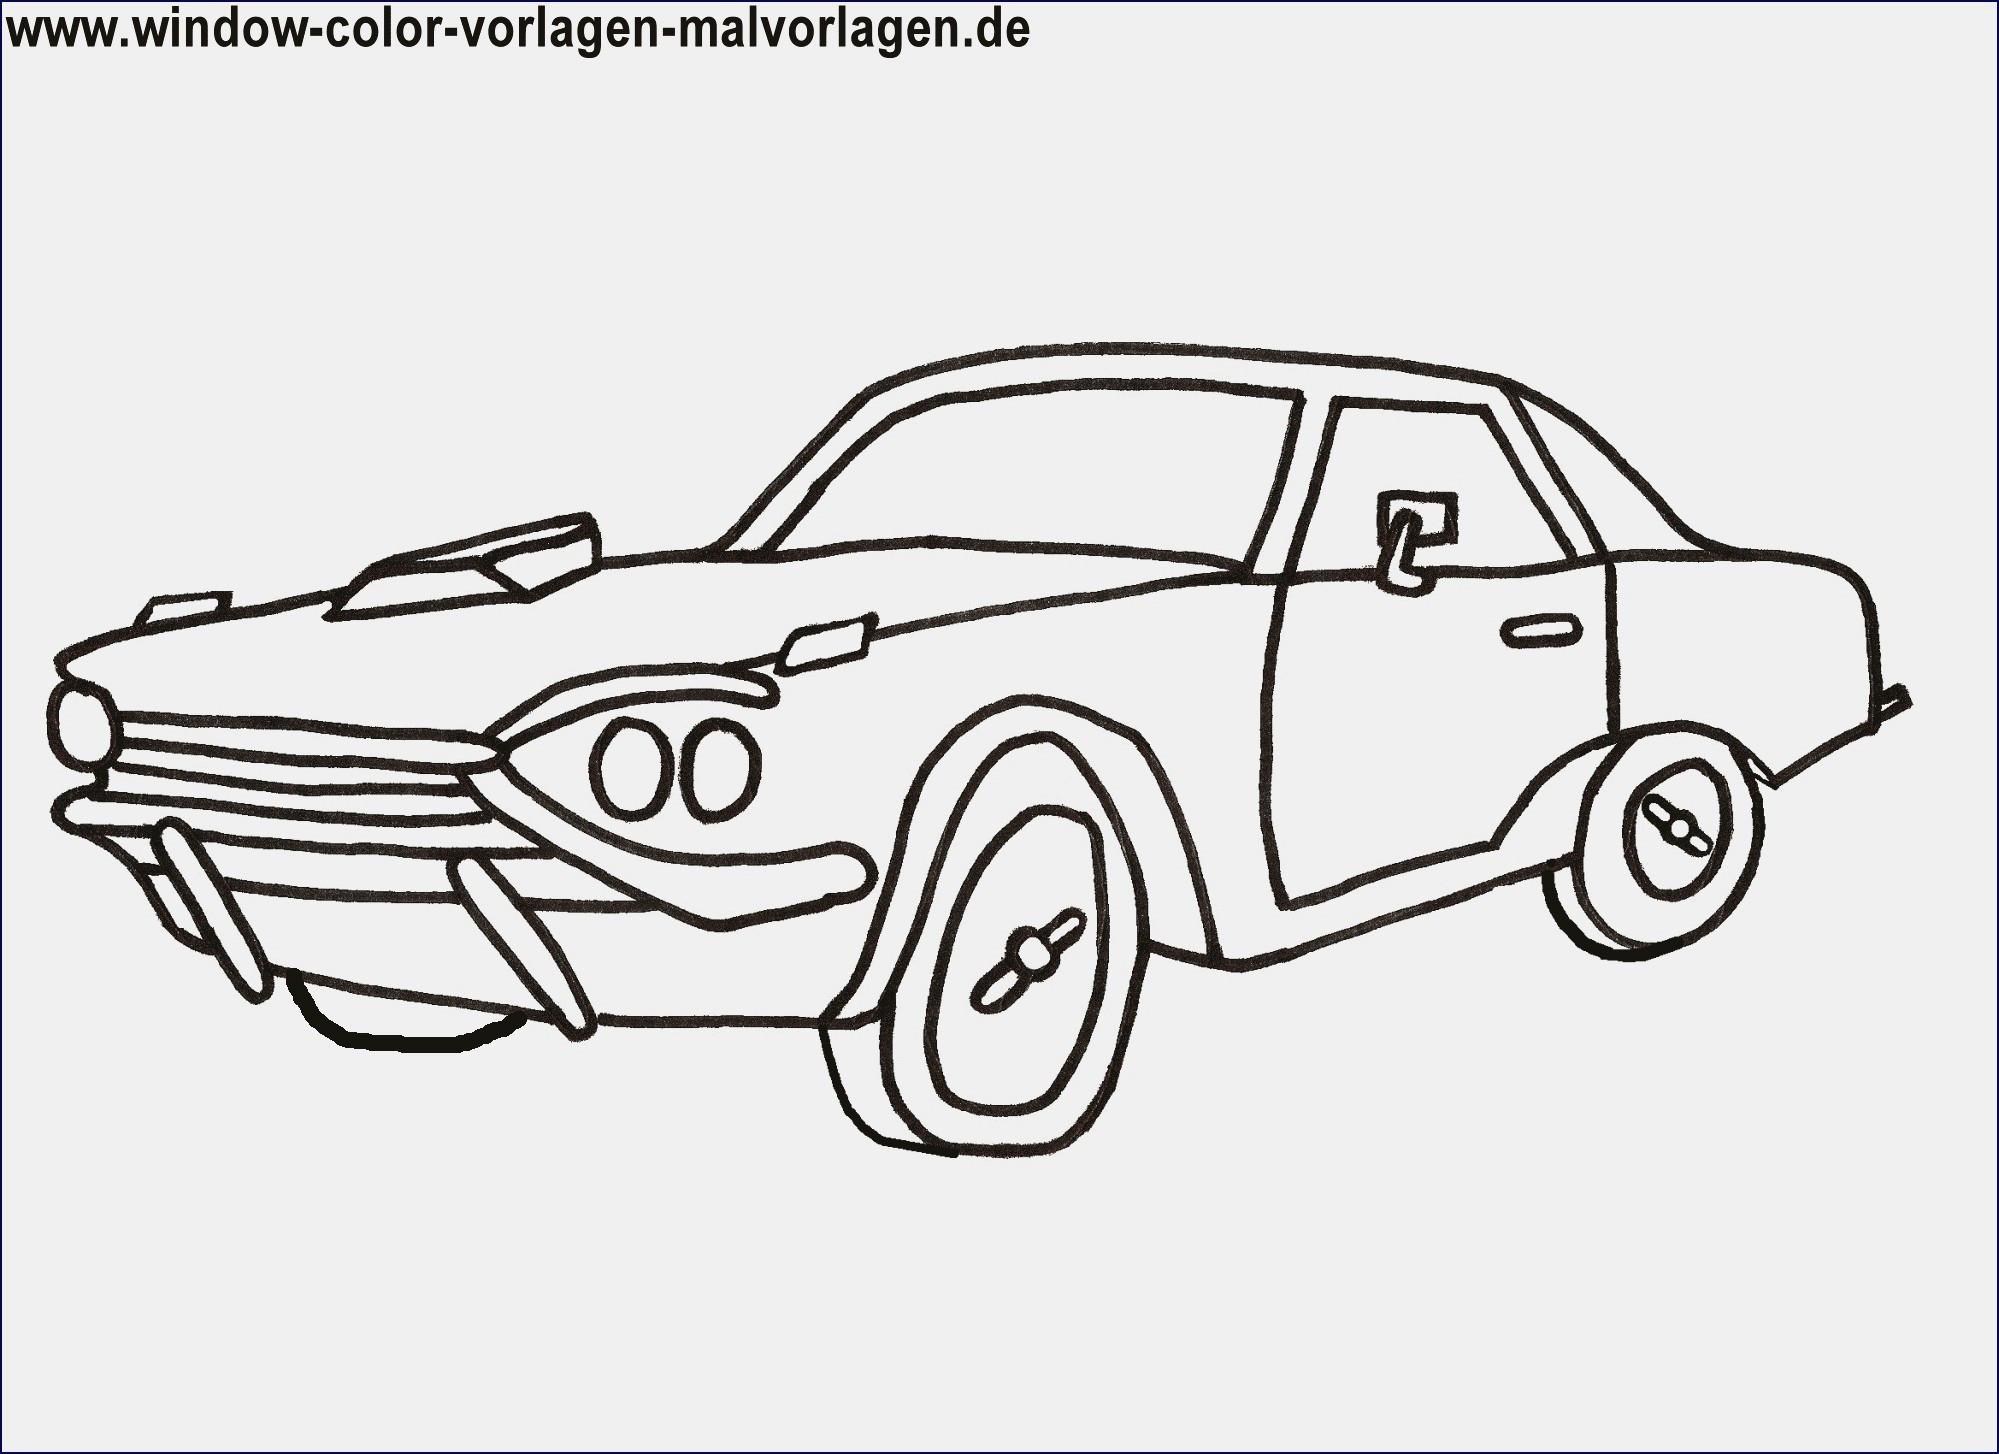 Lightning Mcqueen Ausmalen Frisch Awesome Colouring Disney Cars Genial Cars Ausmalbilder Lightning Sammlung